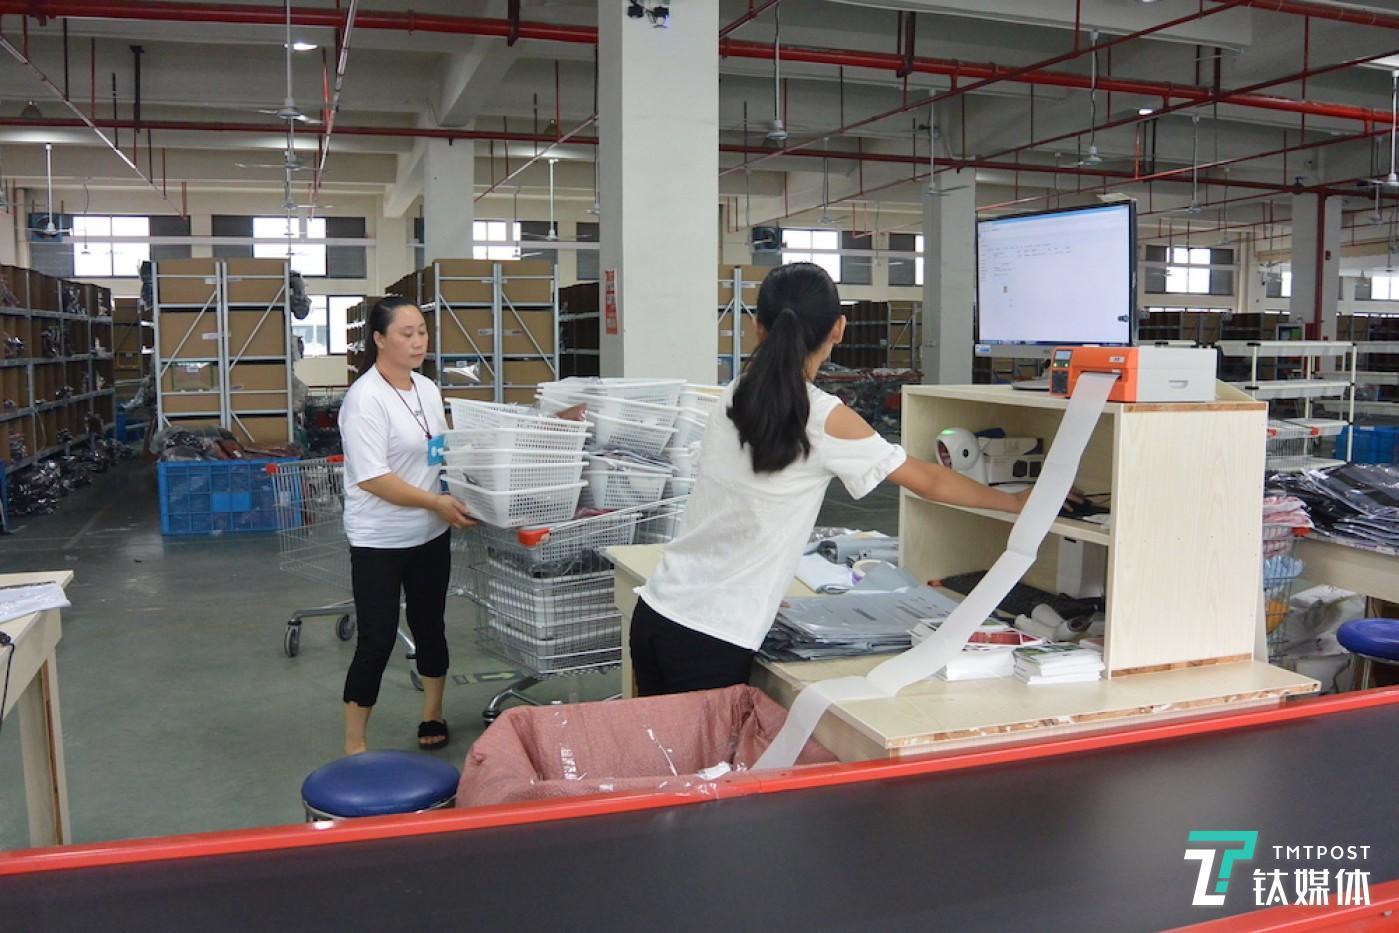 工人们在进行打单拣货作业。